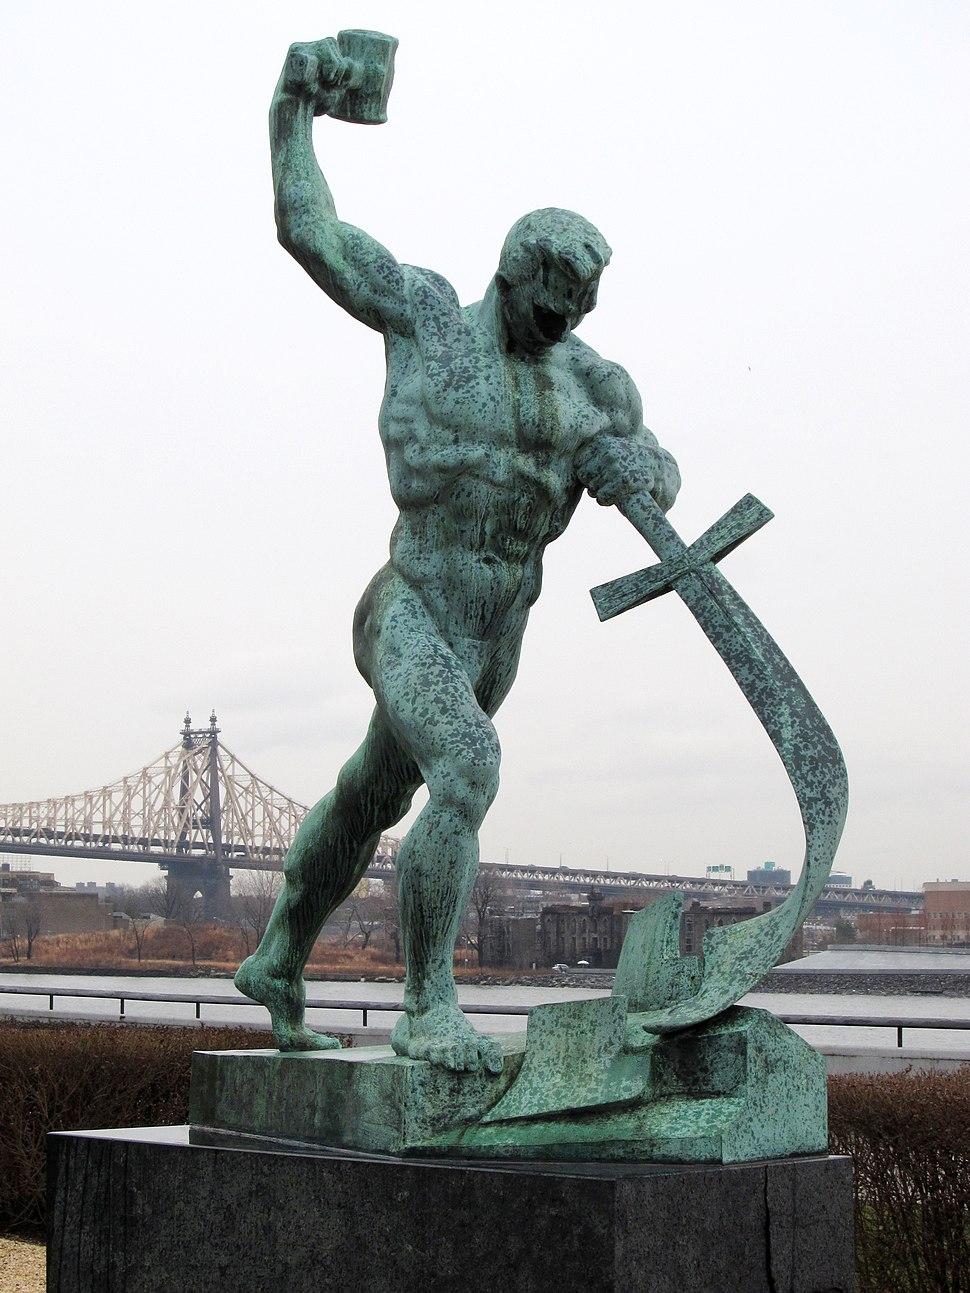 Schwerter zu Pflugscharen - Jewgeni Wutschetitsch - Geschenk der Sowjetunion an die UNO - 1959